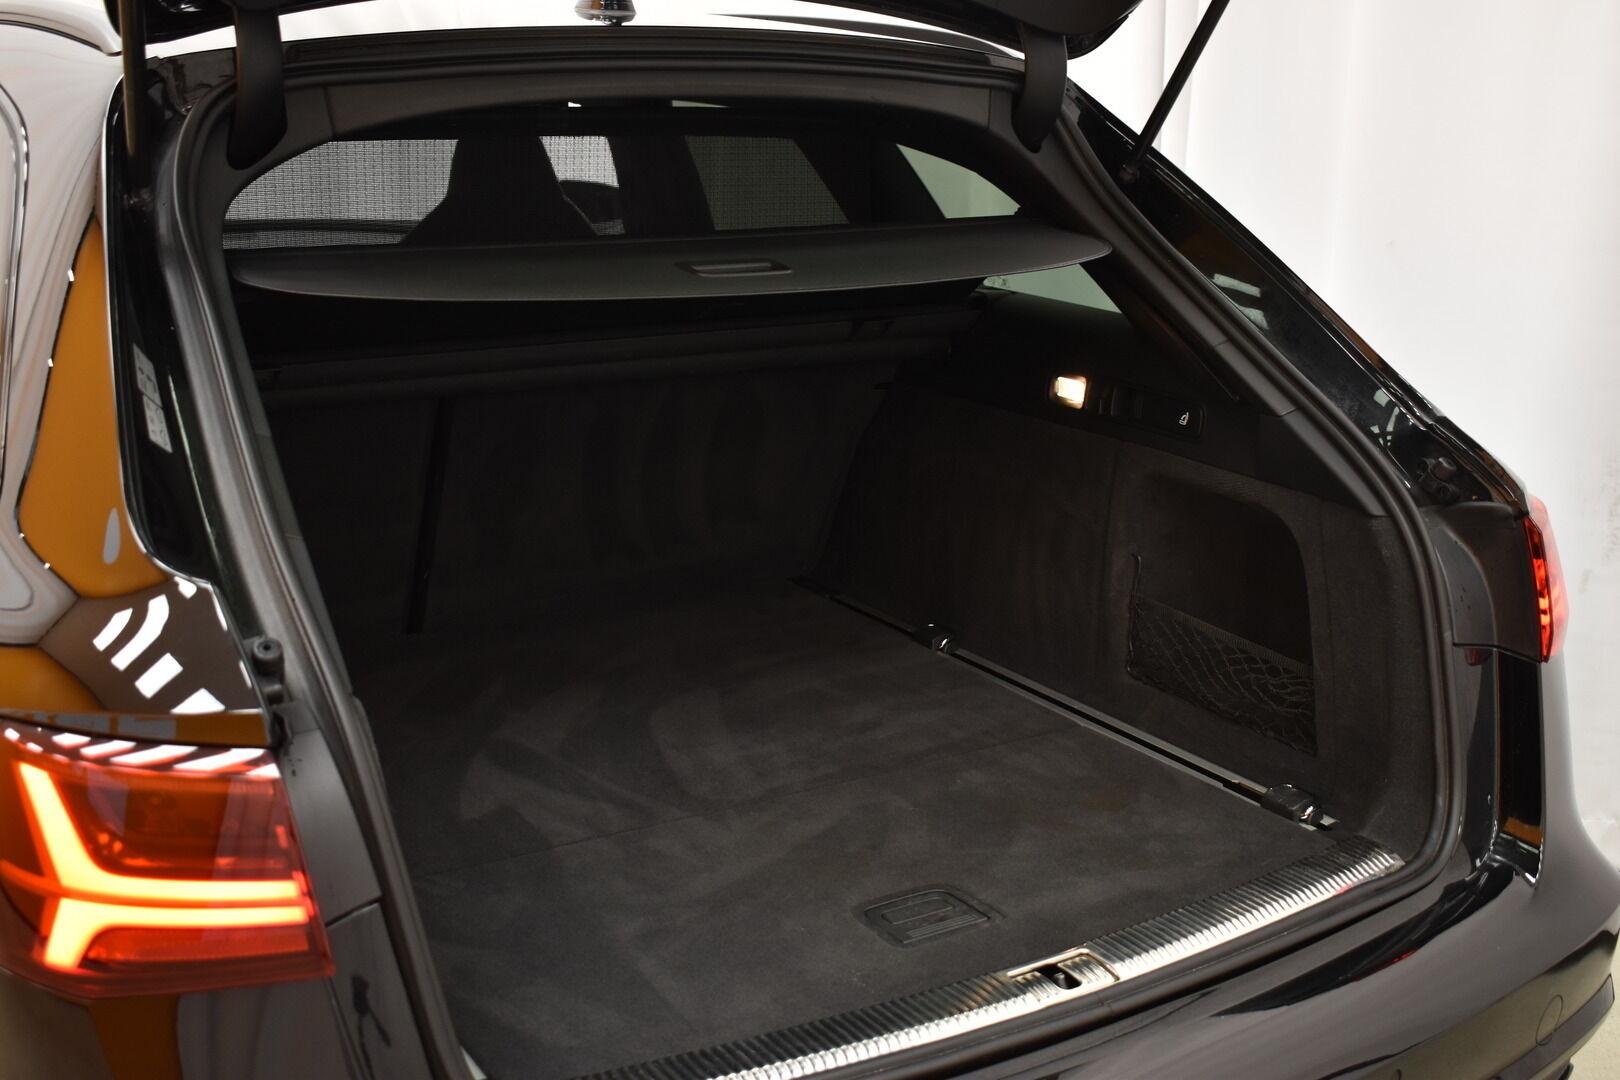 Musta Farmari, Audi A6 – OUL-89168, kuva 13